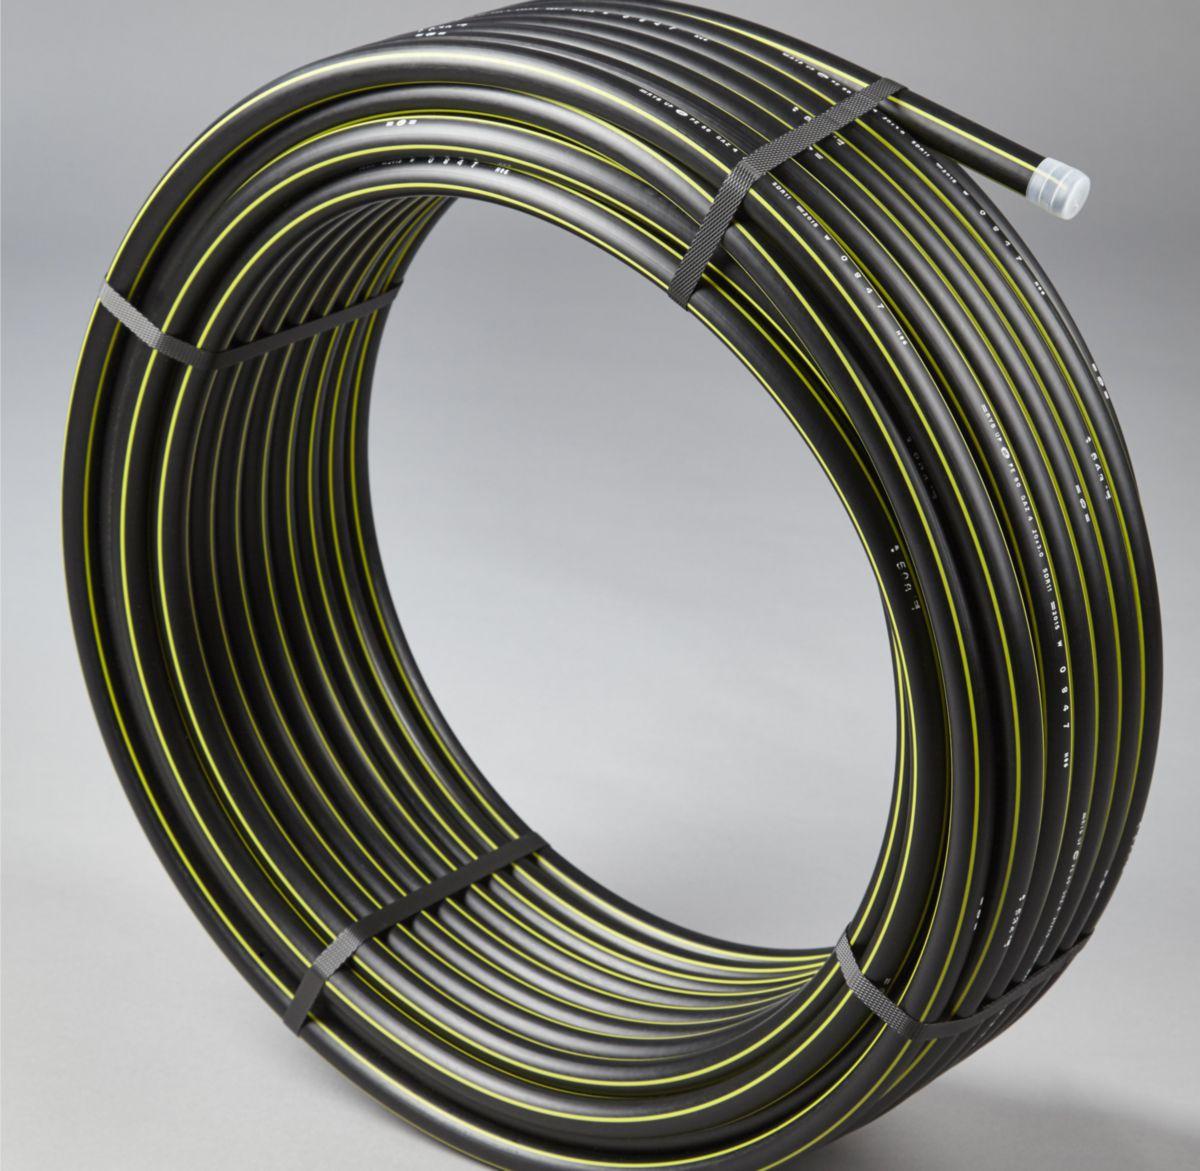 Tuyau en polyéthylène haute densité pour gaz norme Française Groupe 1 diamètre 40mm couronne de 100m réf. N180000401C